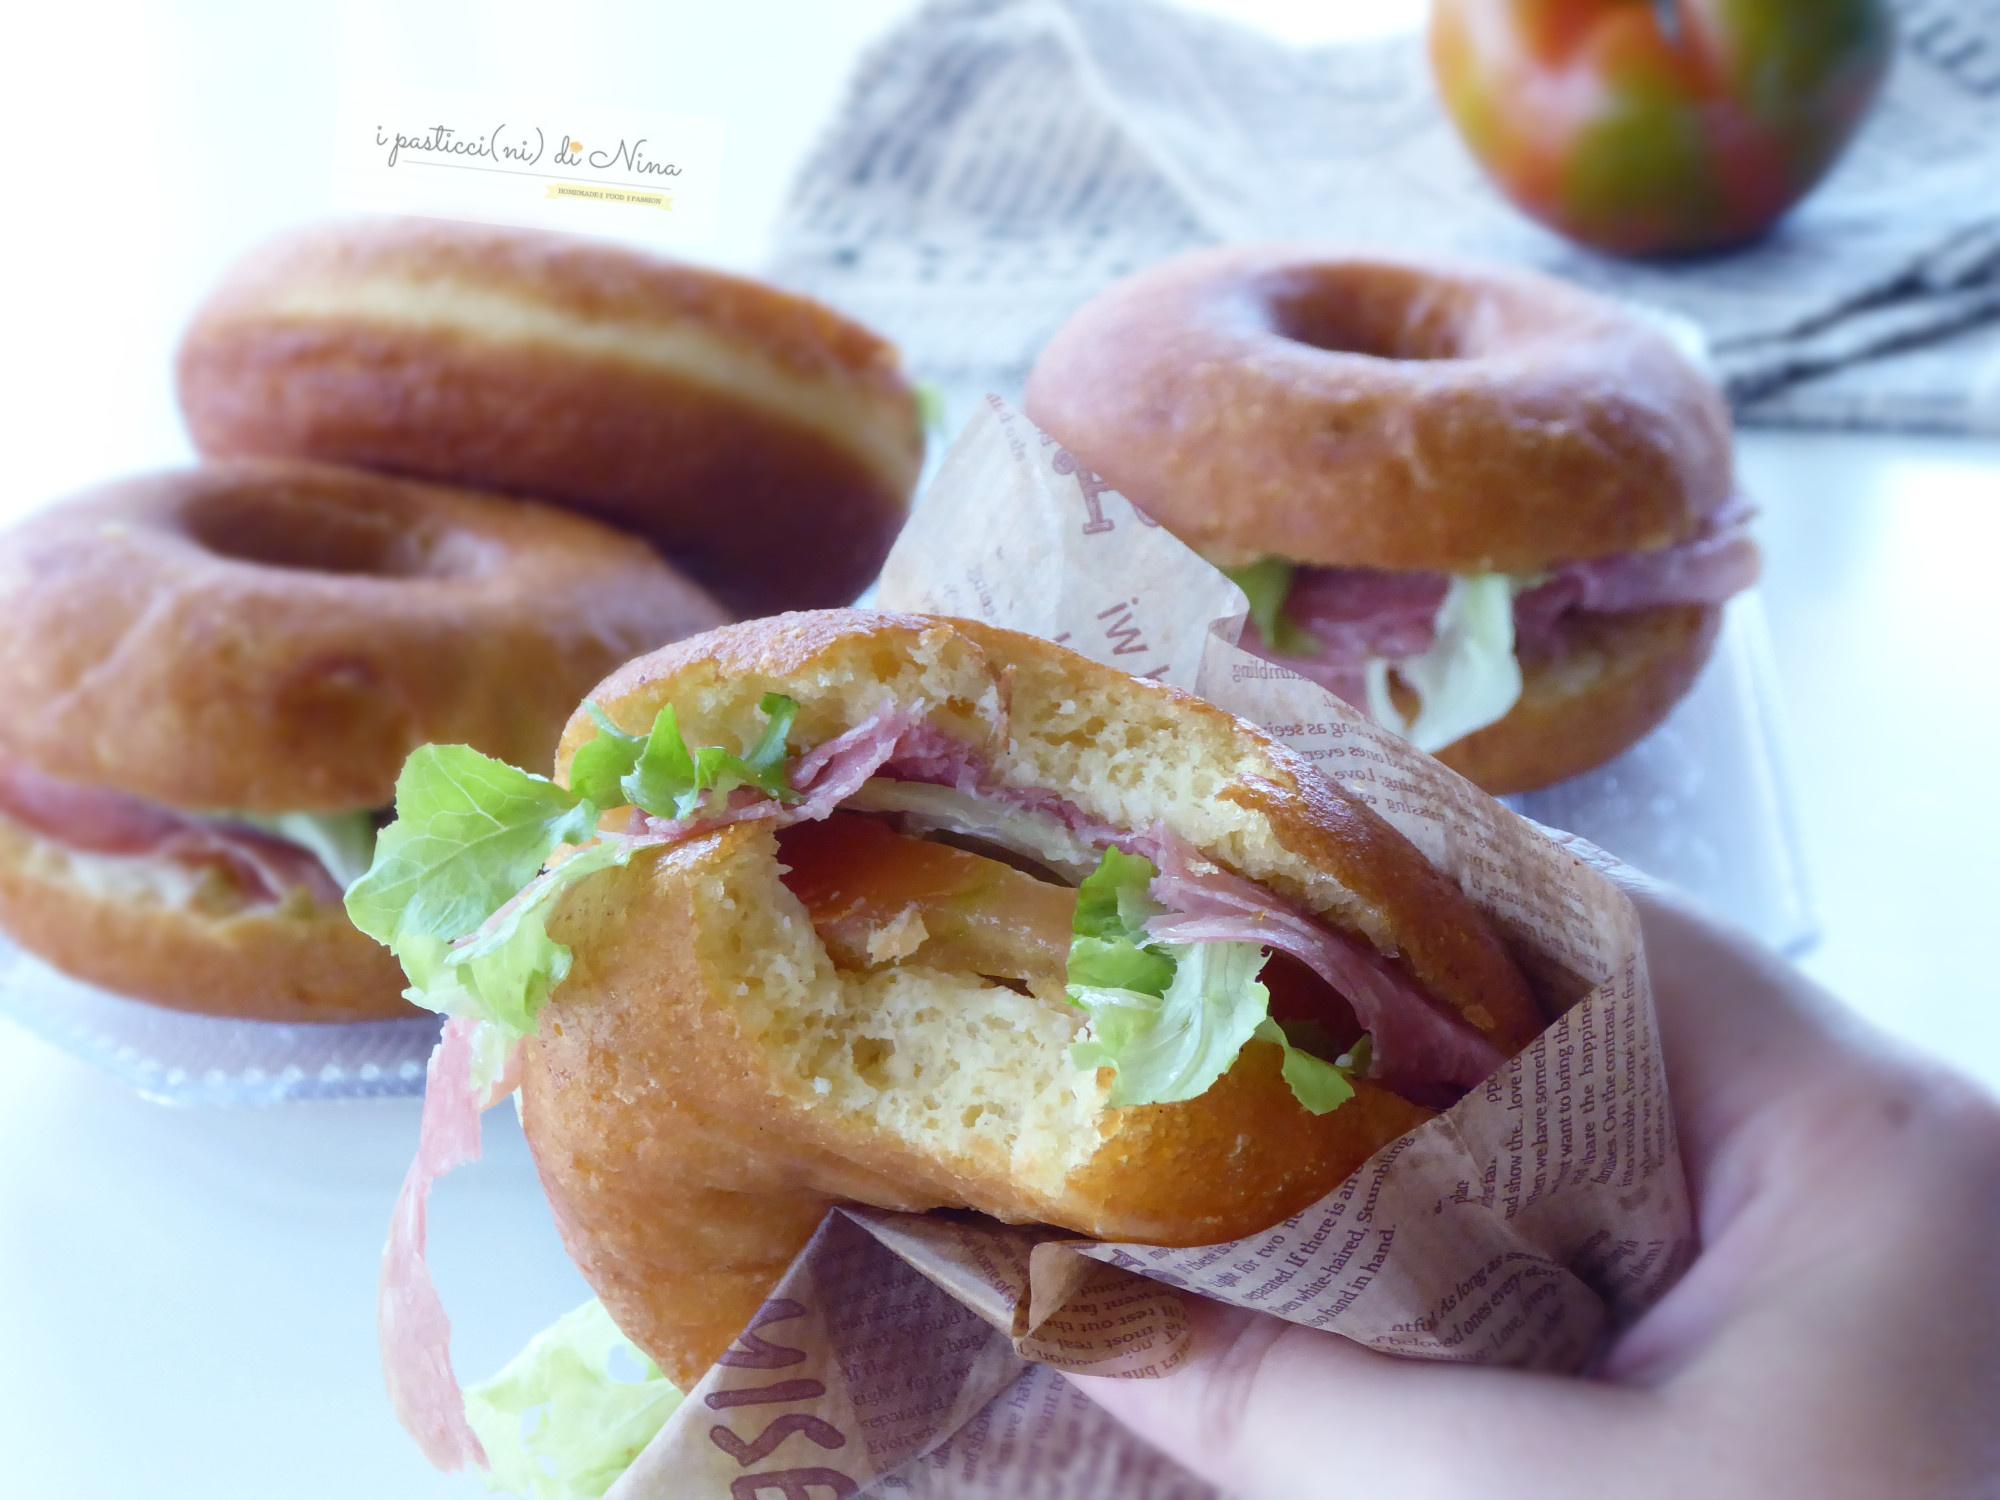 graffe salate farcite ricetta con fiocchi di patate nell'impasto